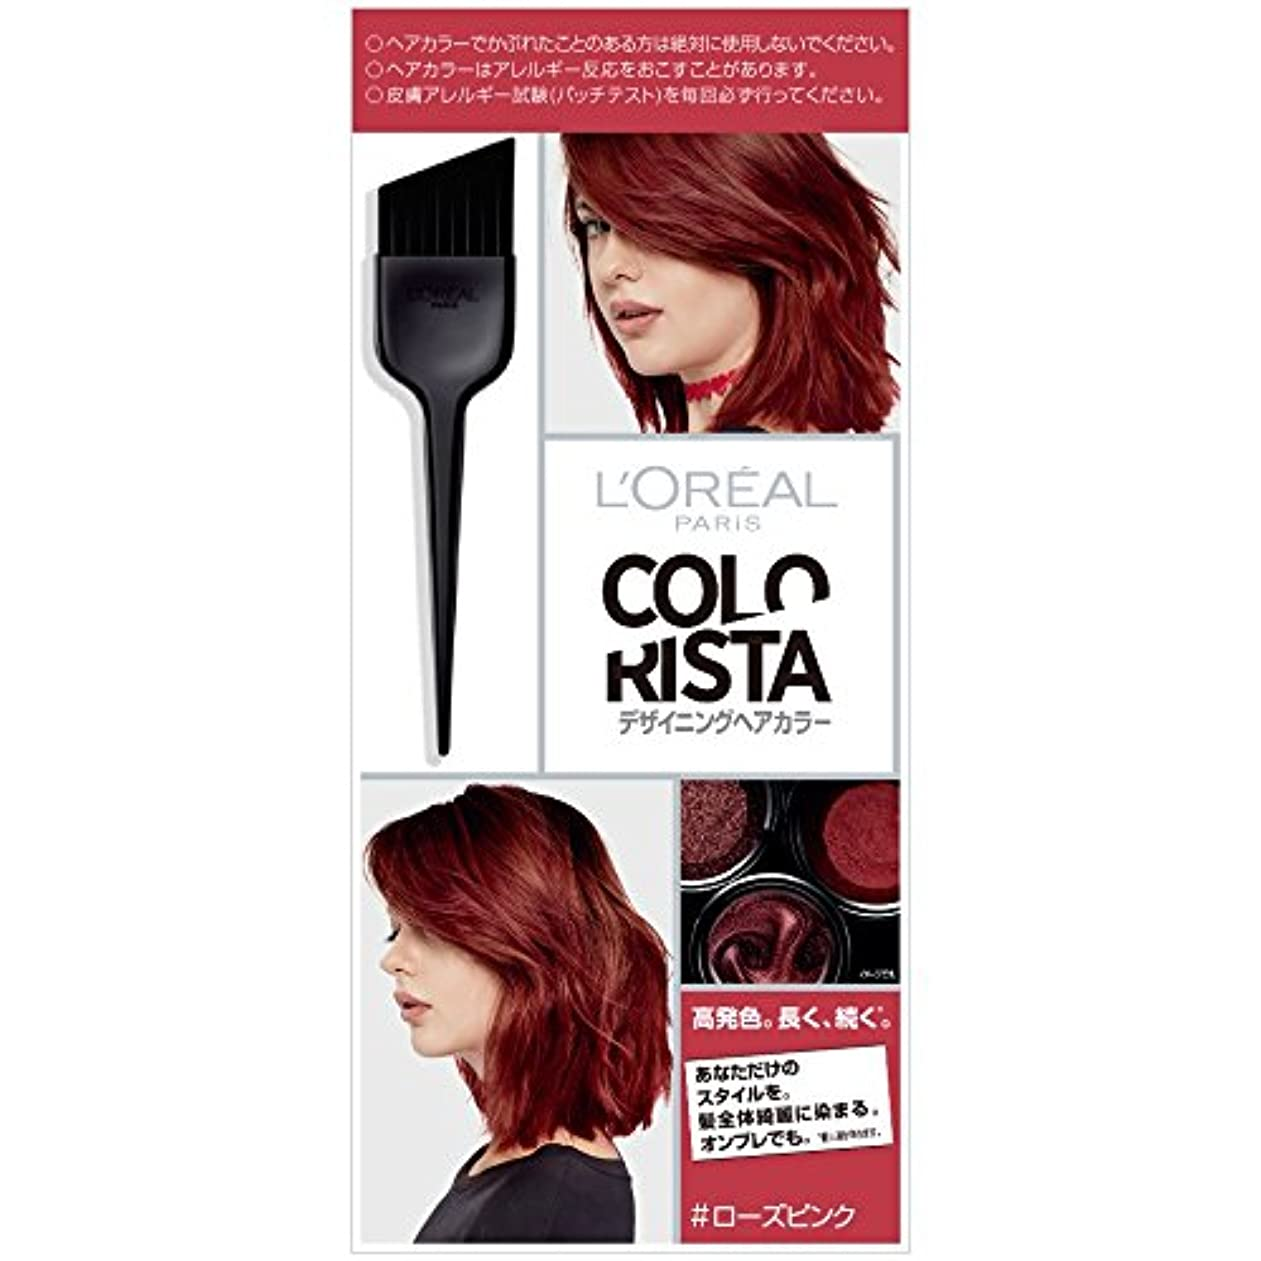 着飾るの頭の上ベイビーロレアル パリ カラーリスタ デザイニングヘアカラー ローズピンク